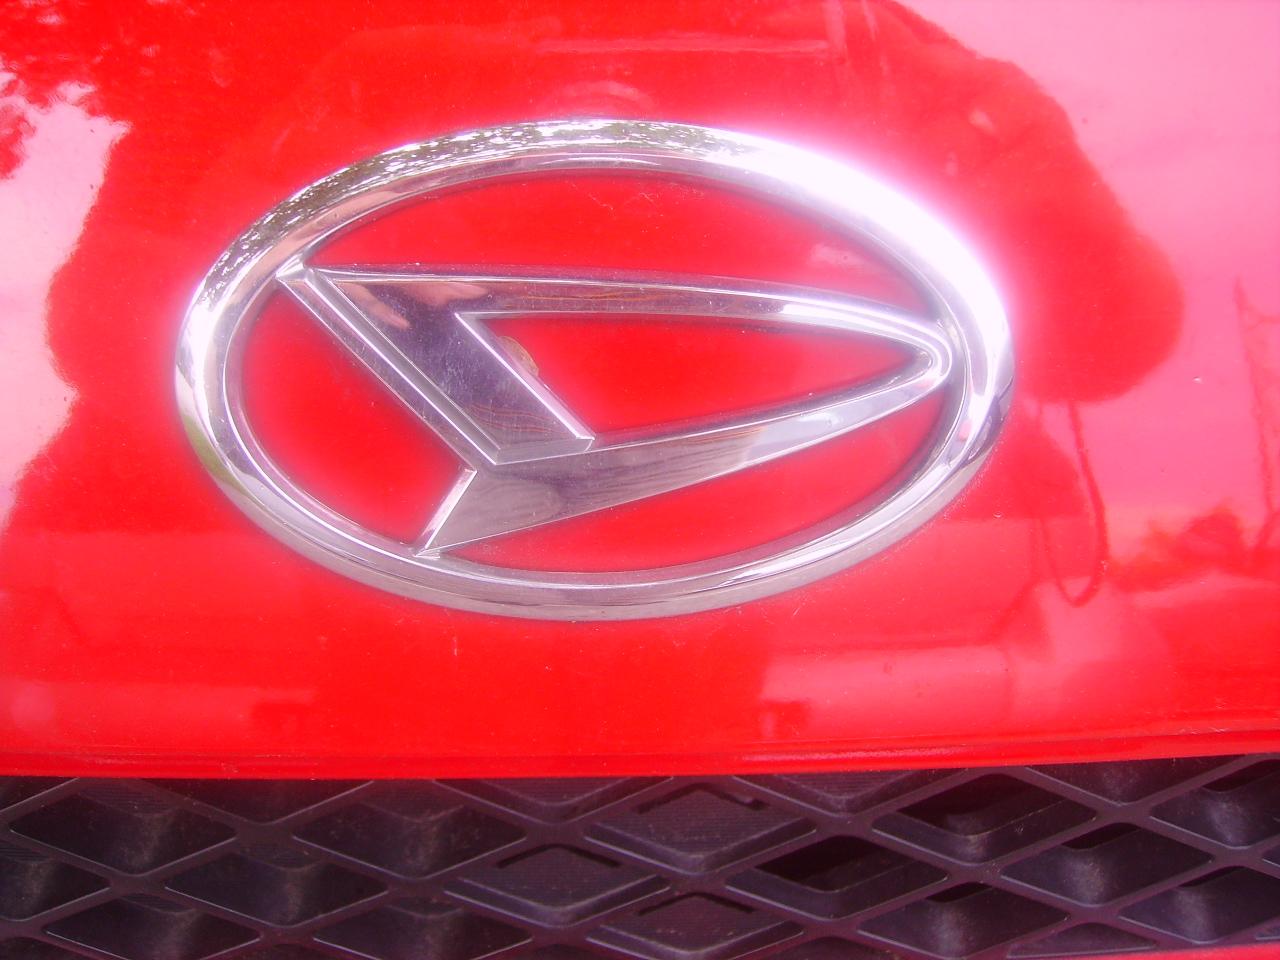 daihatsu-cuore-logo